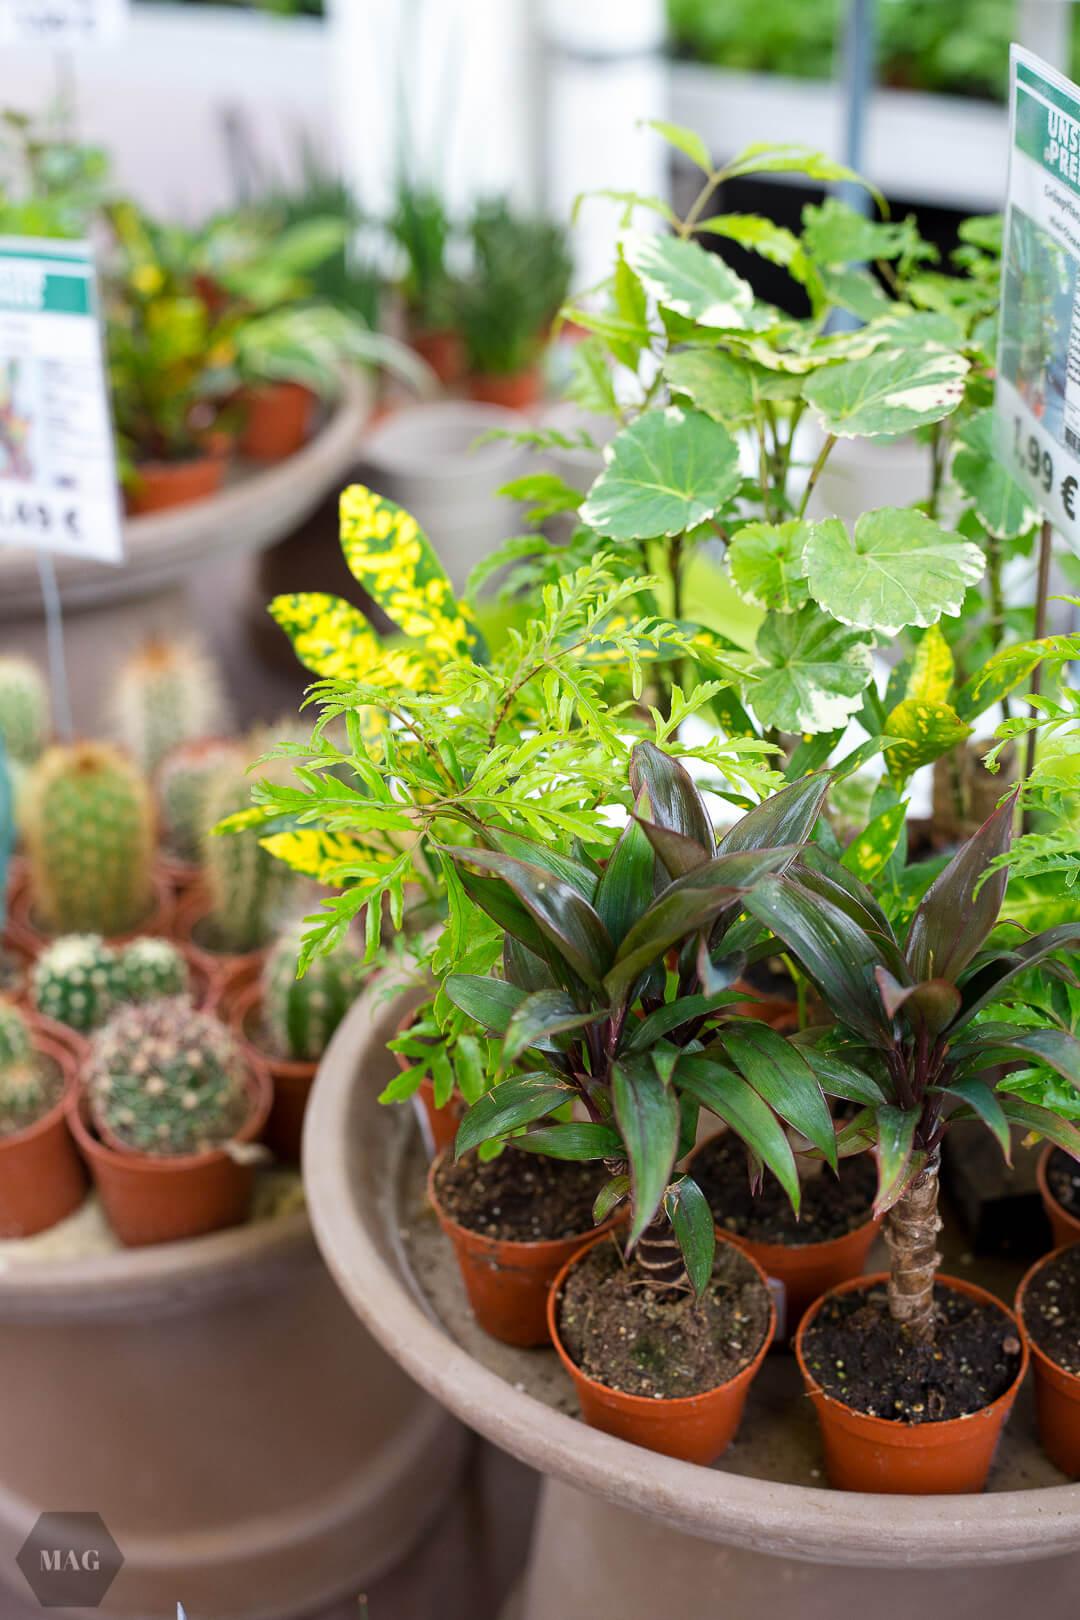 urban jungle bloggers, urban jungle bloggers buch, wohnen in grün, wohnen in grün buch, rezension urban jungle bloggers, wohnen in grün dekorieren und stylen mit pflanzen, wohnen in grün callwey verlag